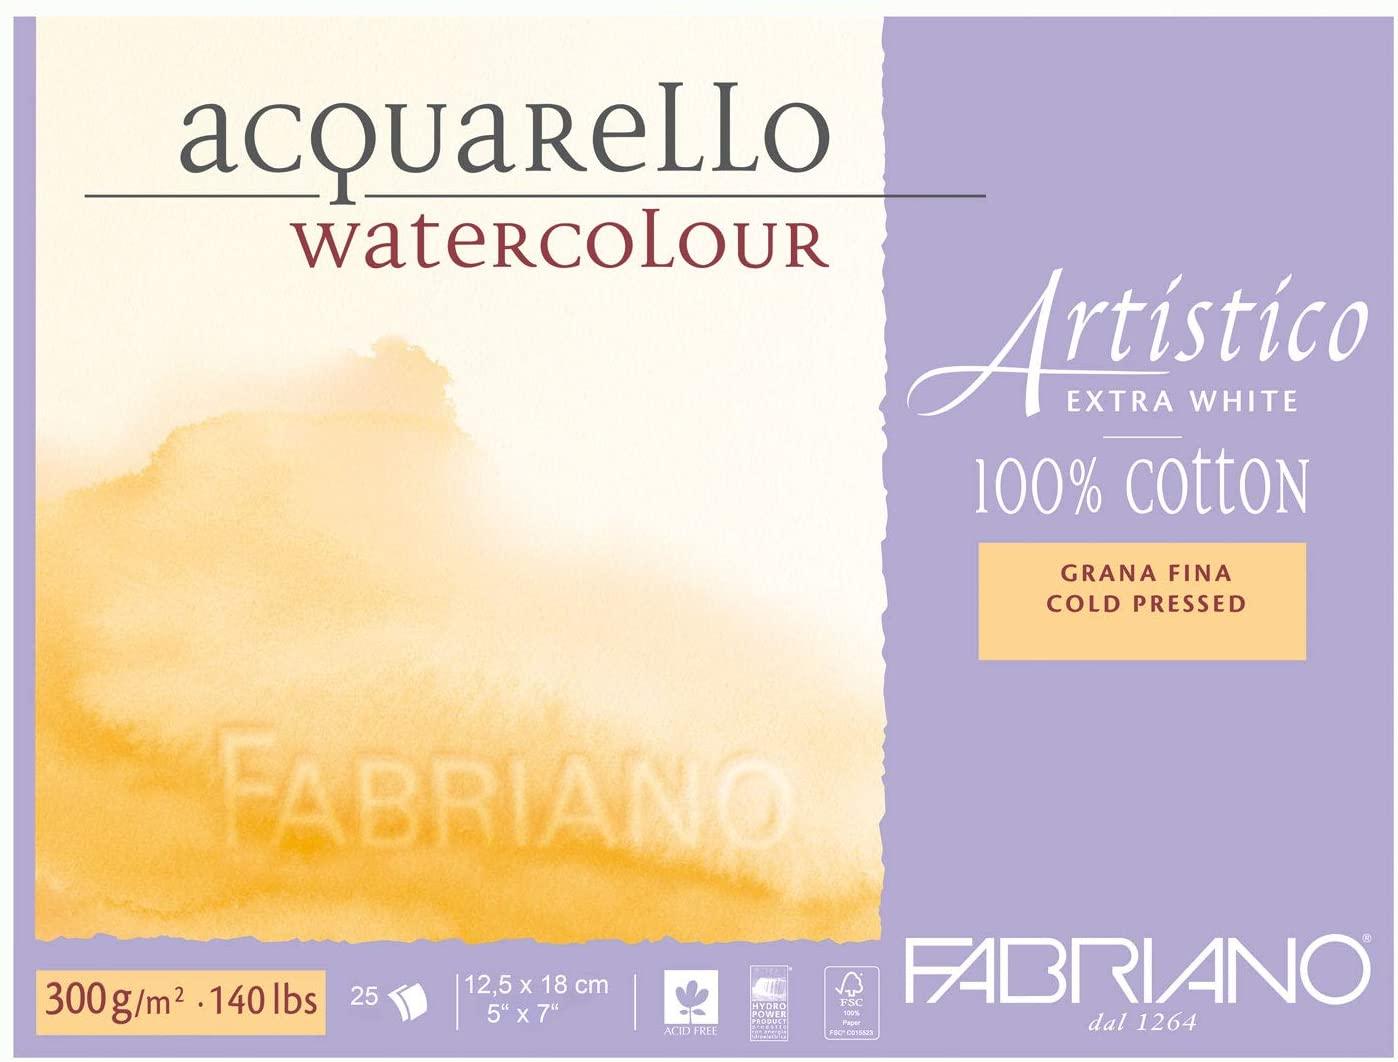 Fabriano AEW BL 4CO 25F GF Watercolour Paper- 12.5x 18 cm Extra White